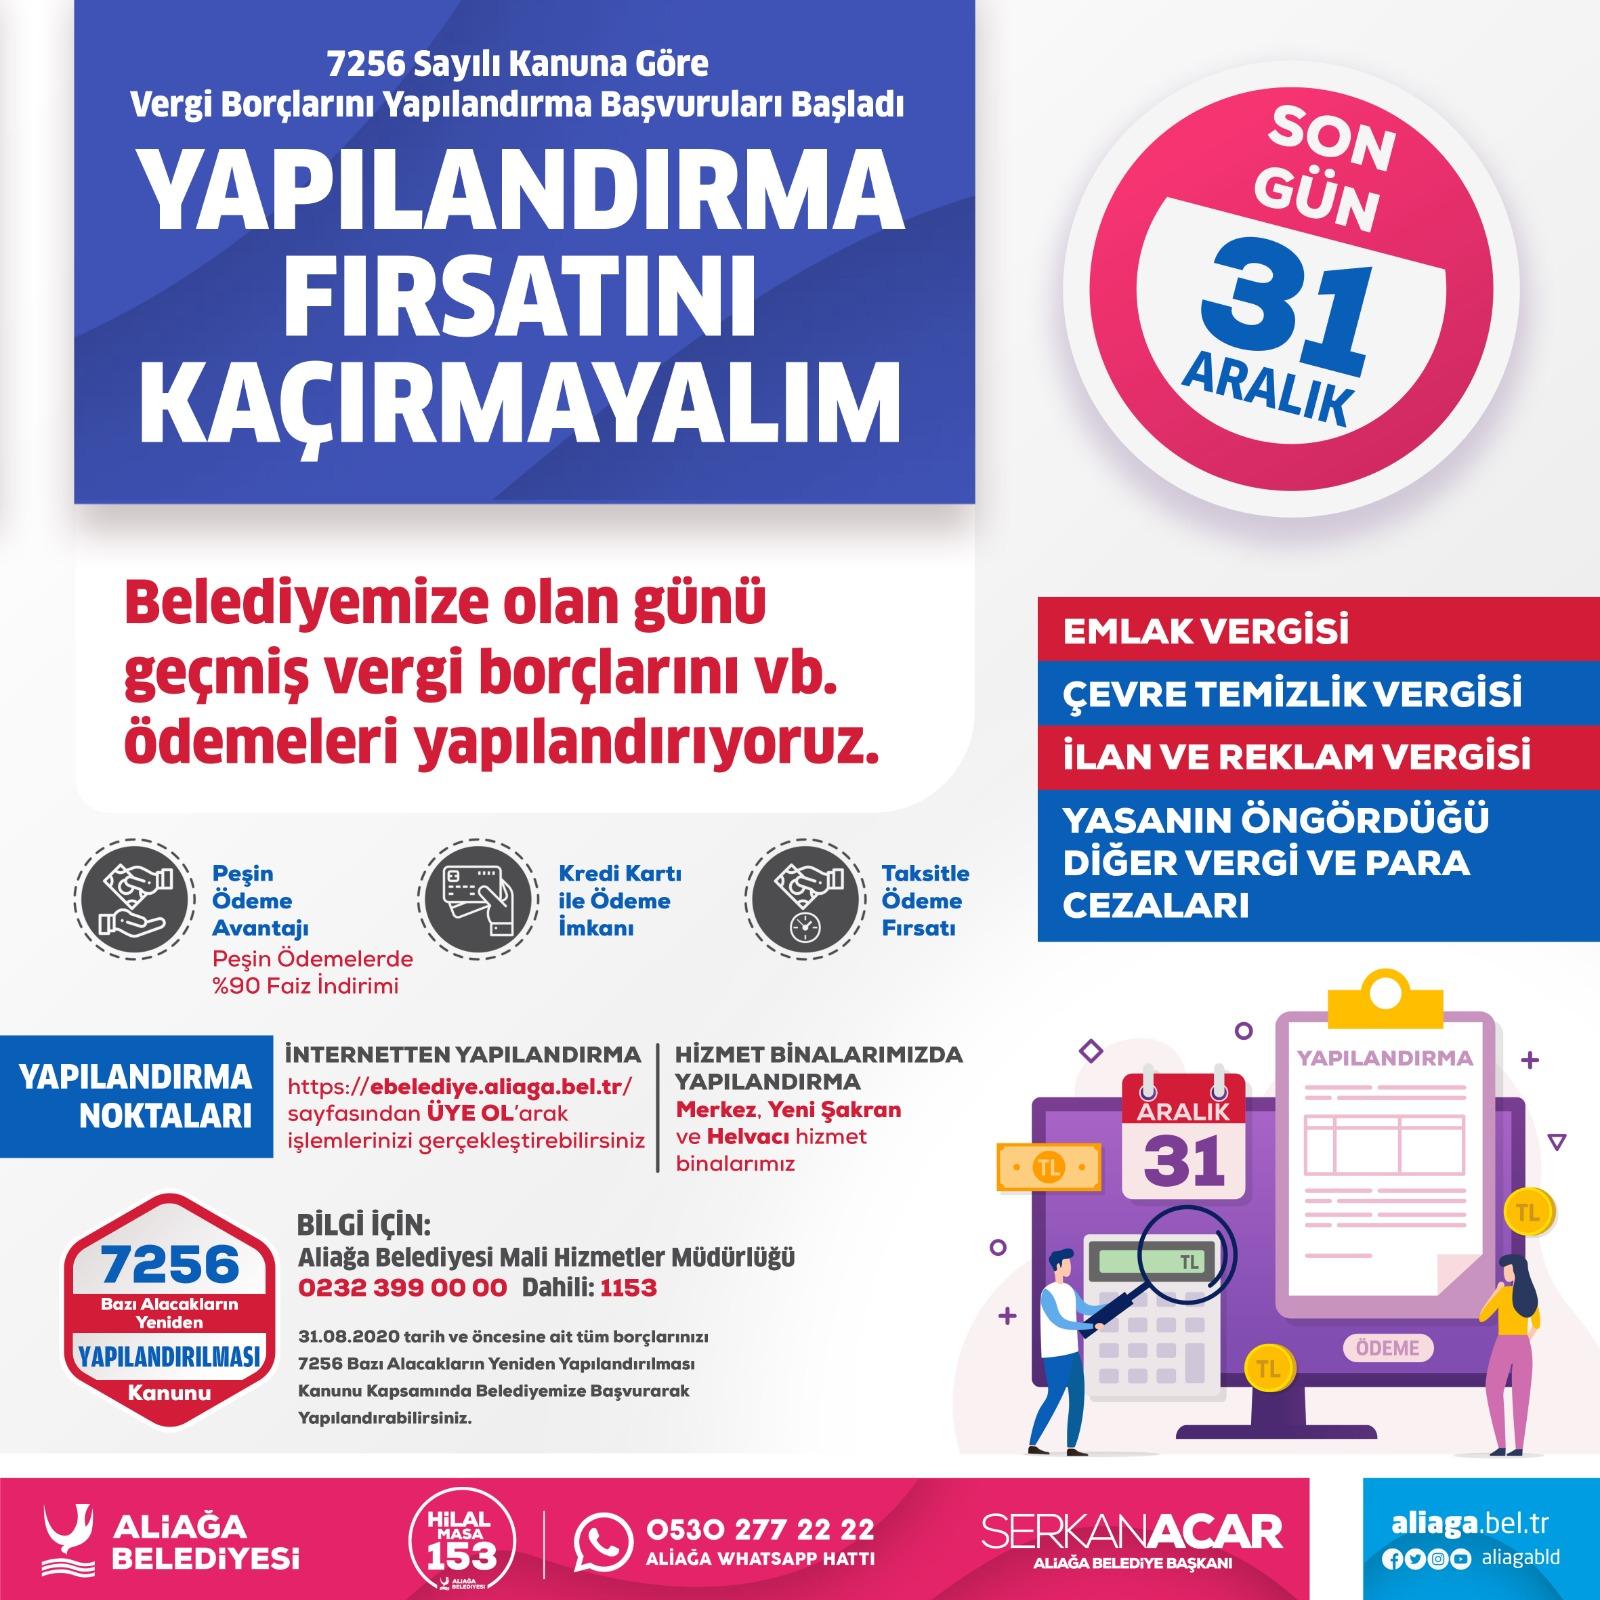 Aliağa Belediyesi'nden Vergi Yapılandırma Çağrısı..